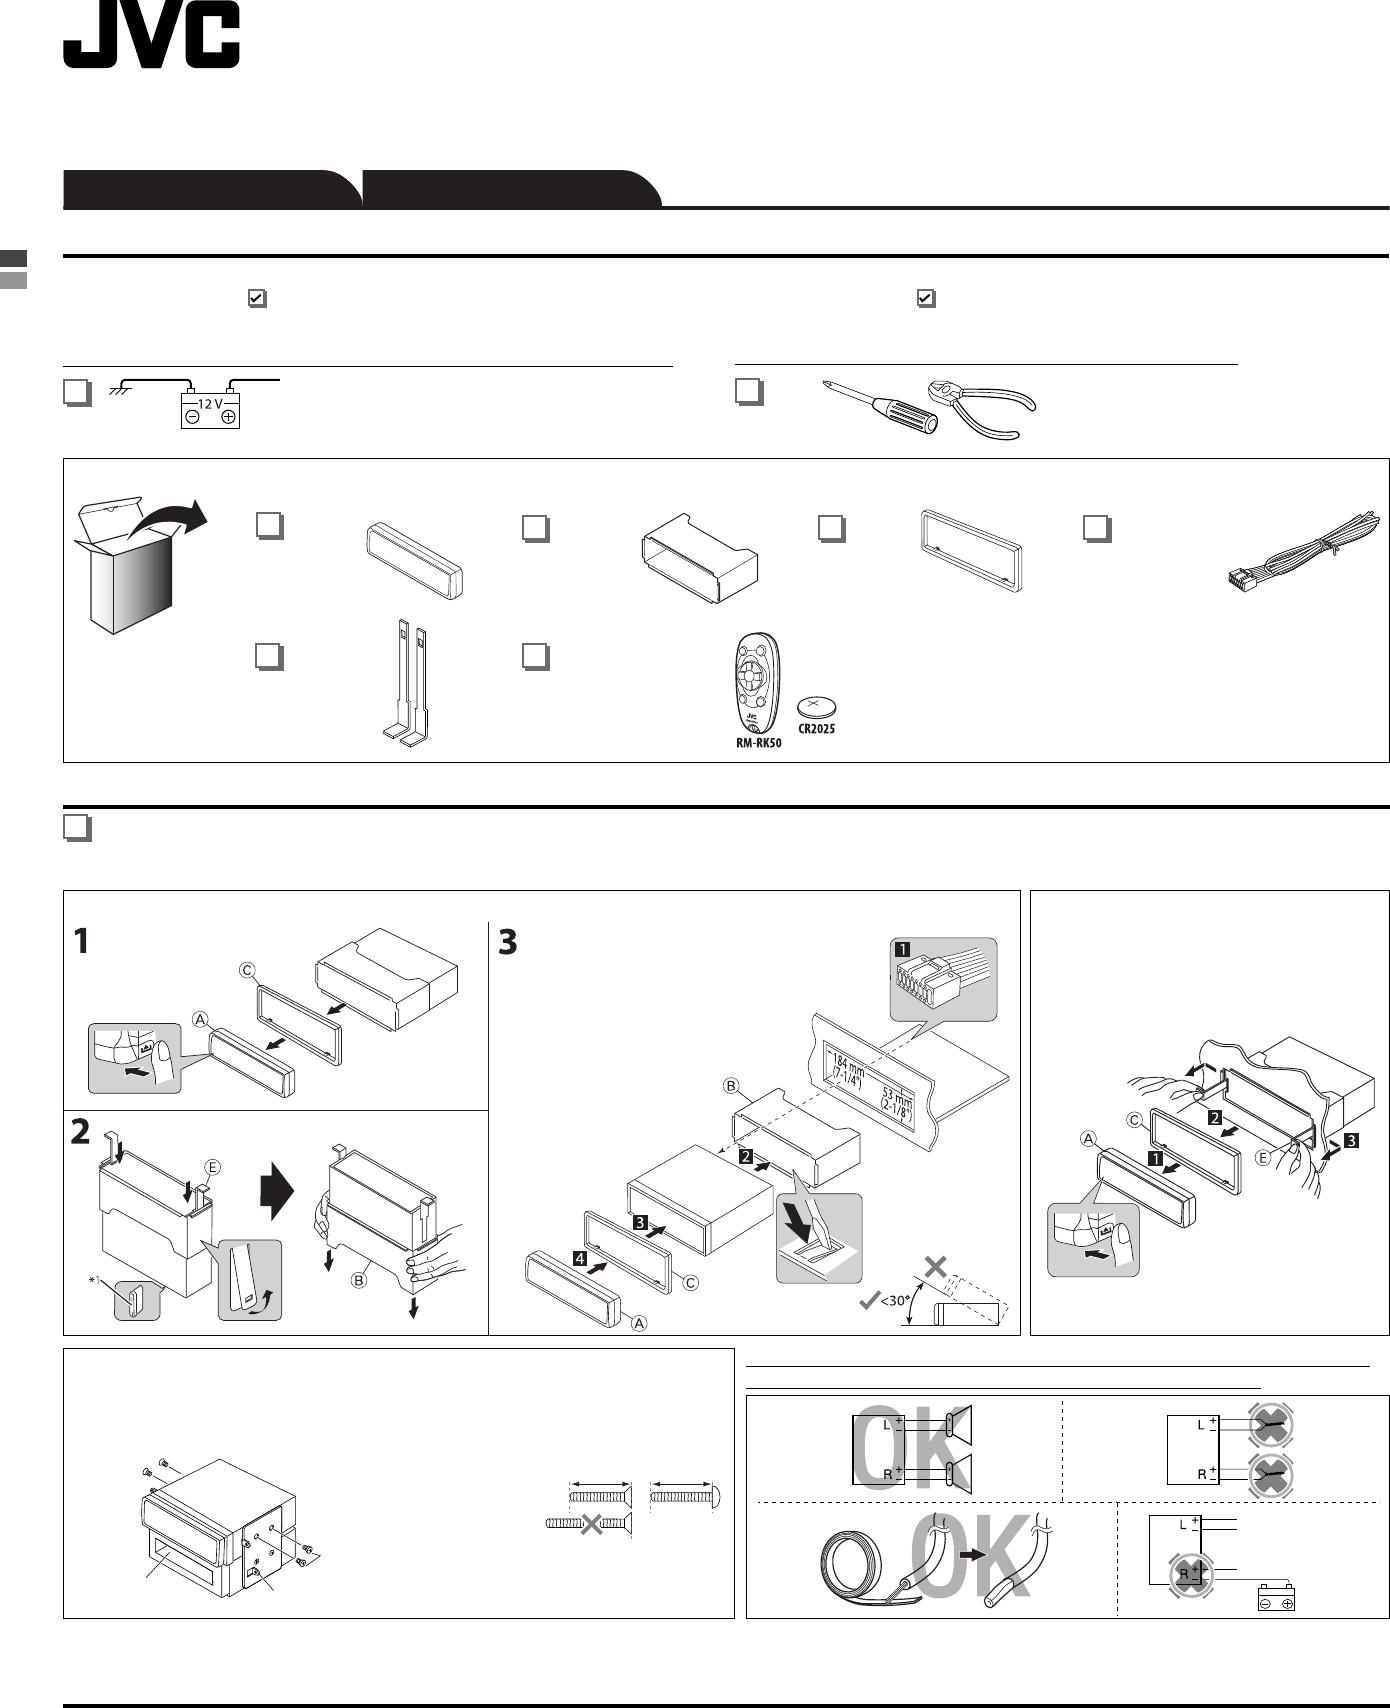 [DIAGRAM_38EU]  DR_7447] Jvc Kd S37 Wiring Diagram | Jvc Kd Avx77 Wiring Diagram |  | Impa Taliz Greas Benkeme Mohammedshrine Librar Wiring 101